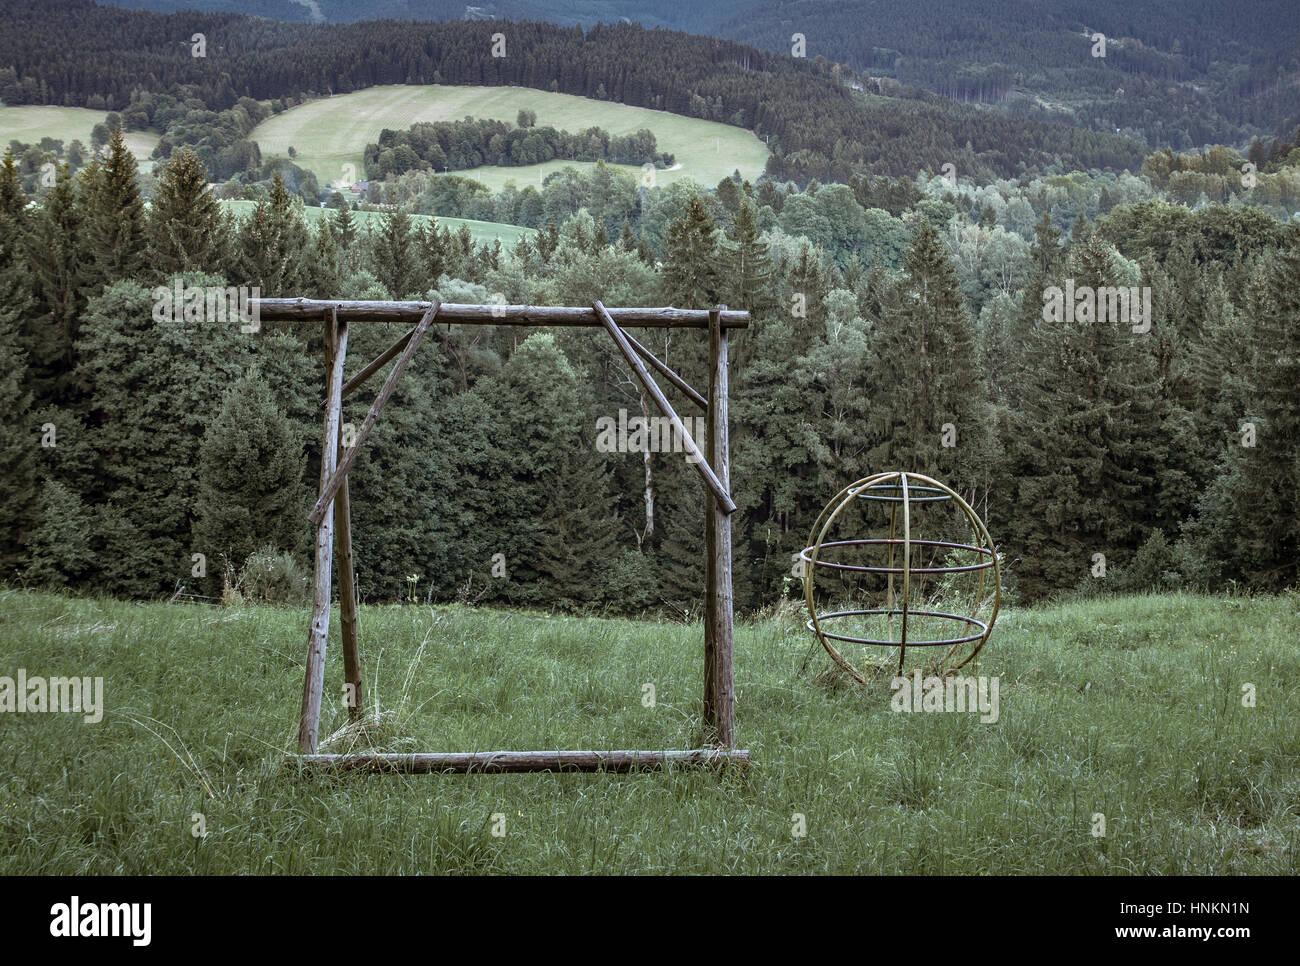 Verlassenen Spielplatz, Einsamkeit und nostalgie Stockbild